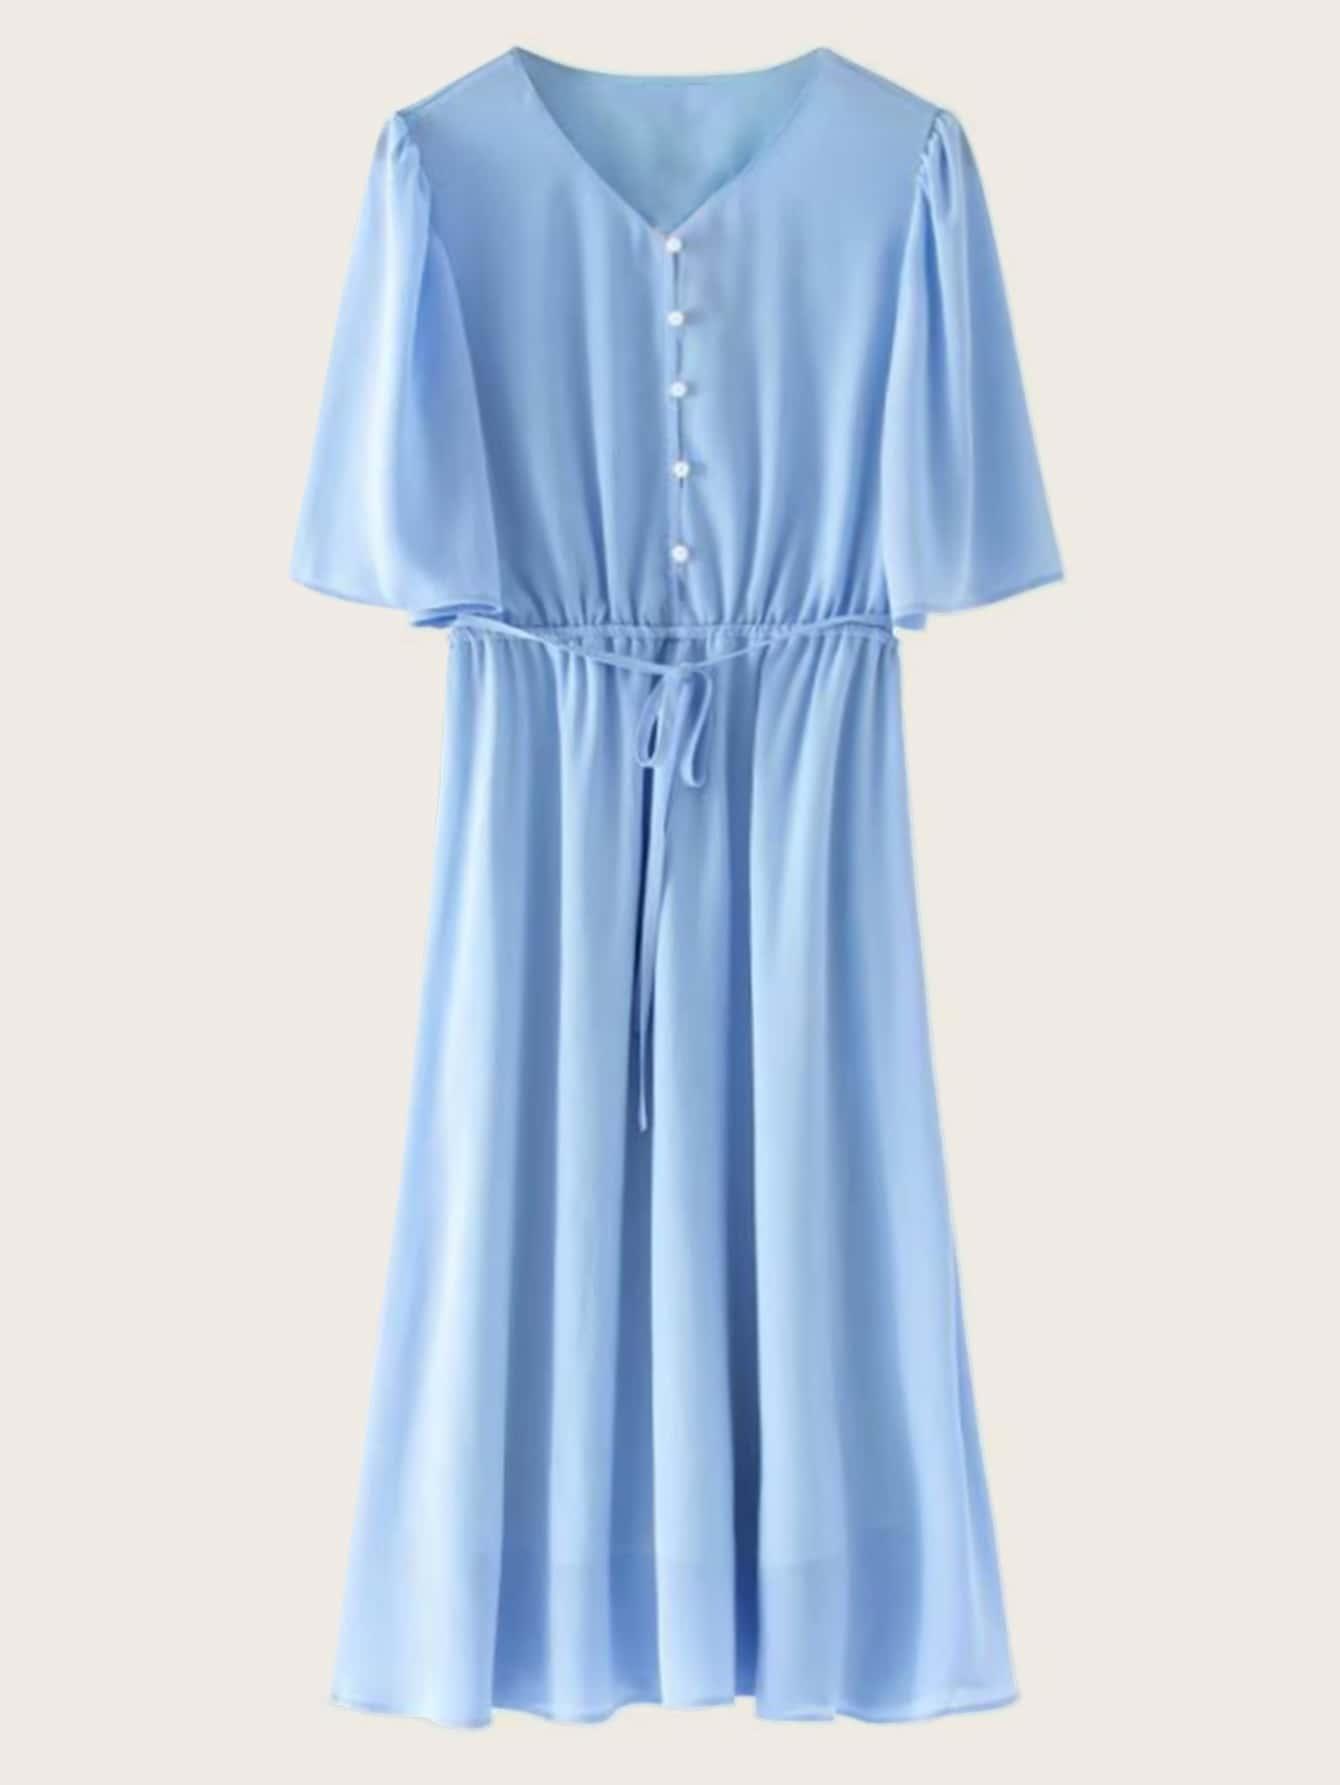 Фото - Однотонное платье с эластичной талией от SheIn цвет синие